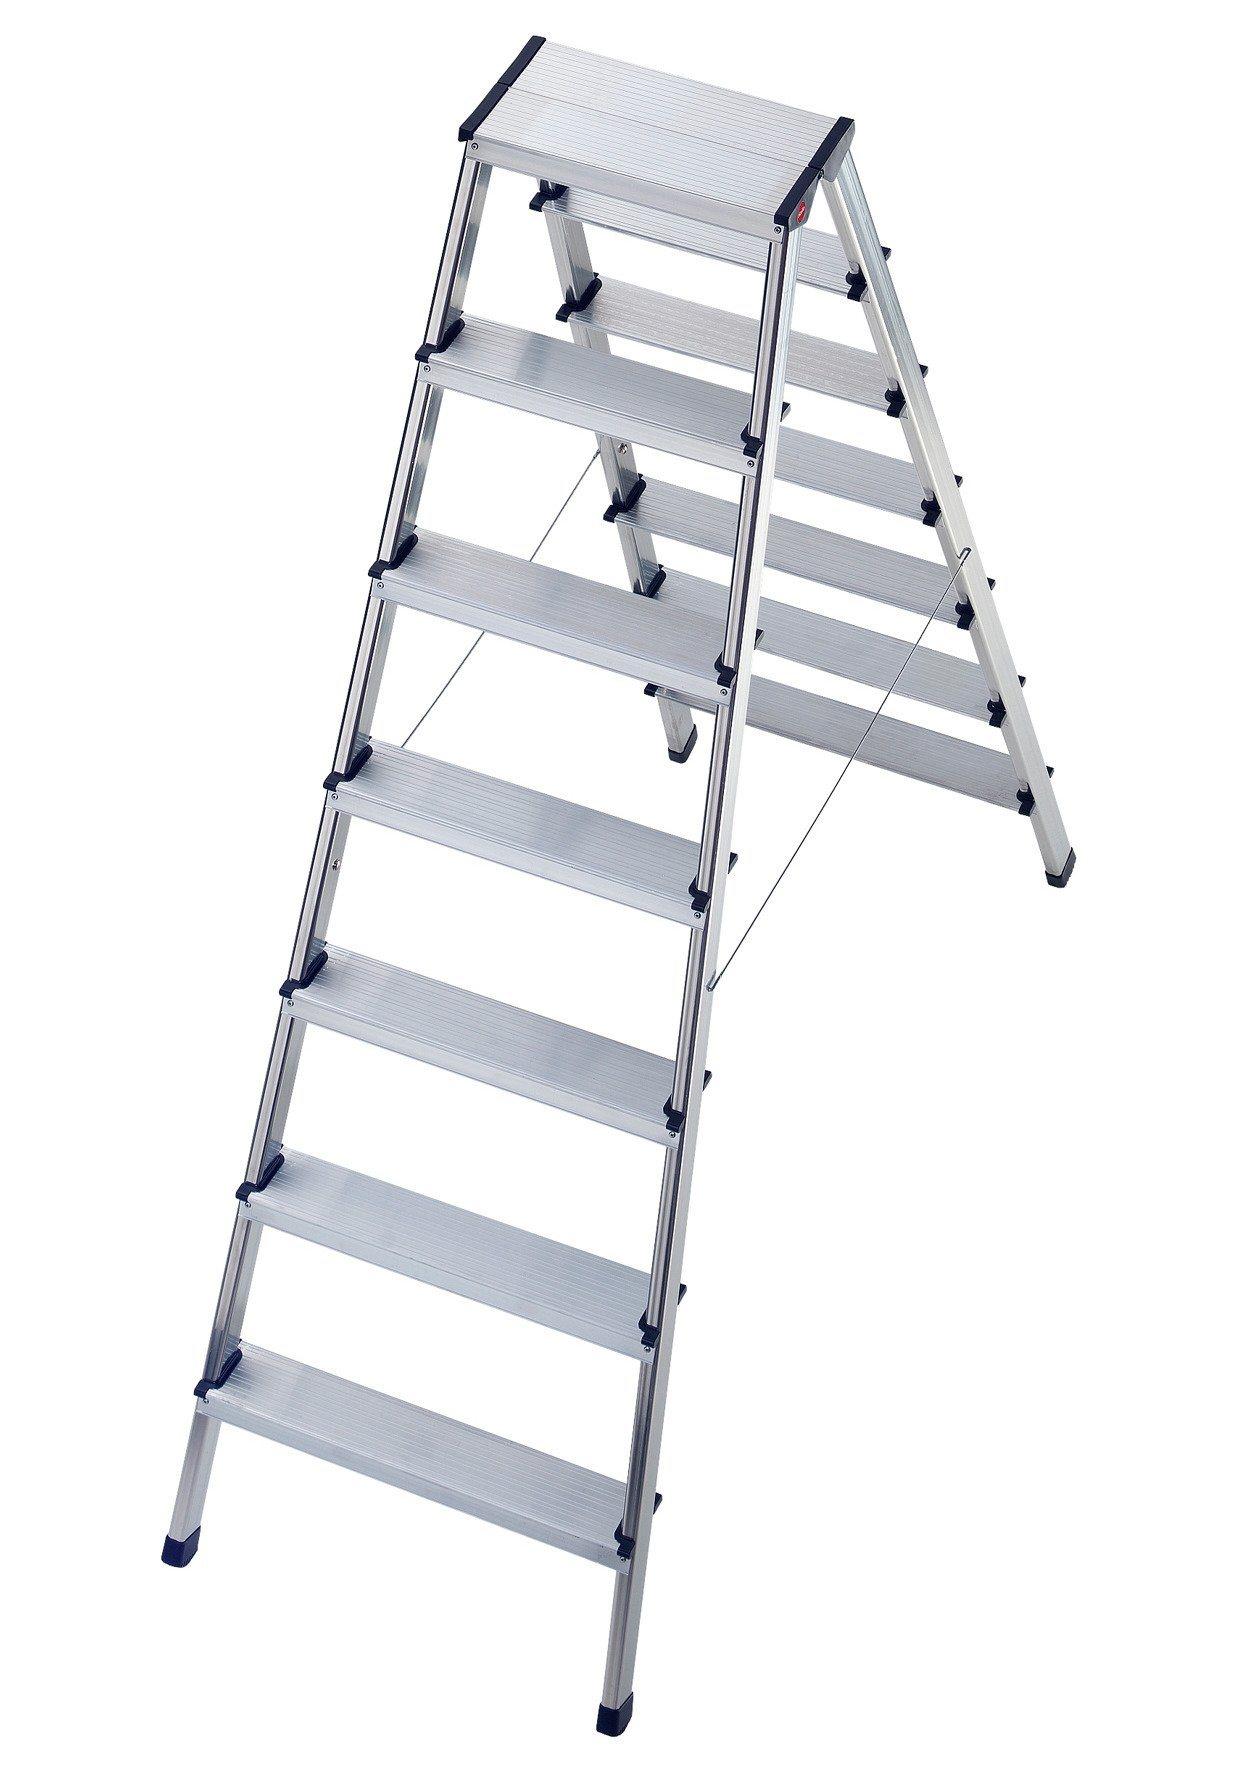 Hailo Trittleiter »Alu-Doppelstufenleiter L90« | Baumarkt > Leitern und Treppen > Trittleiter | Hailo